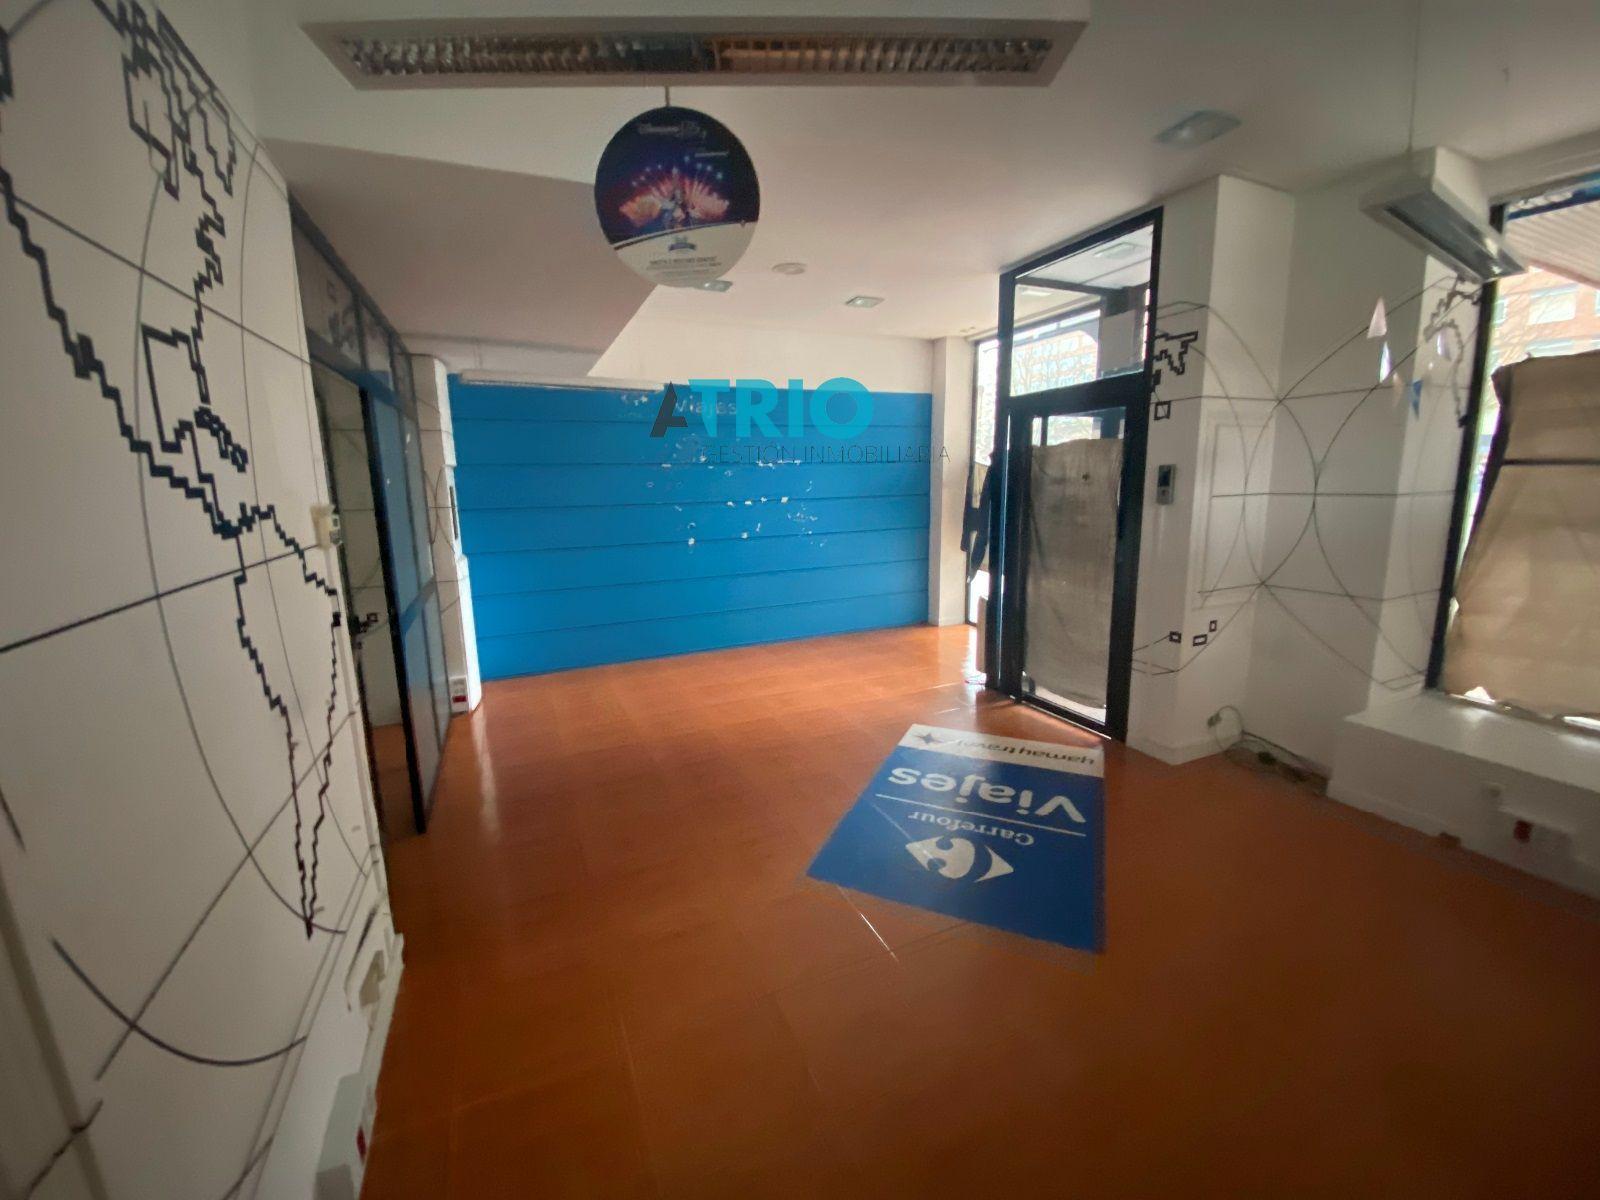 dia.mobiliagestion.es/Portals/inmoatrio/Images/7270/6016558